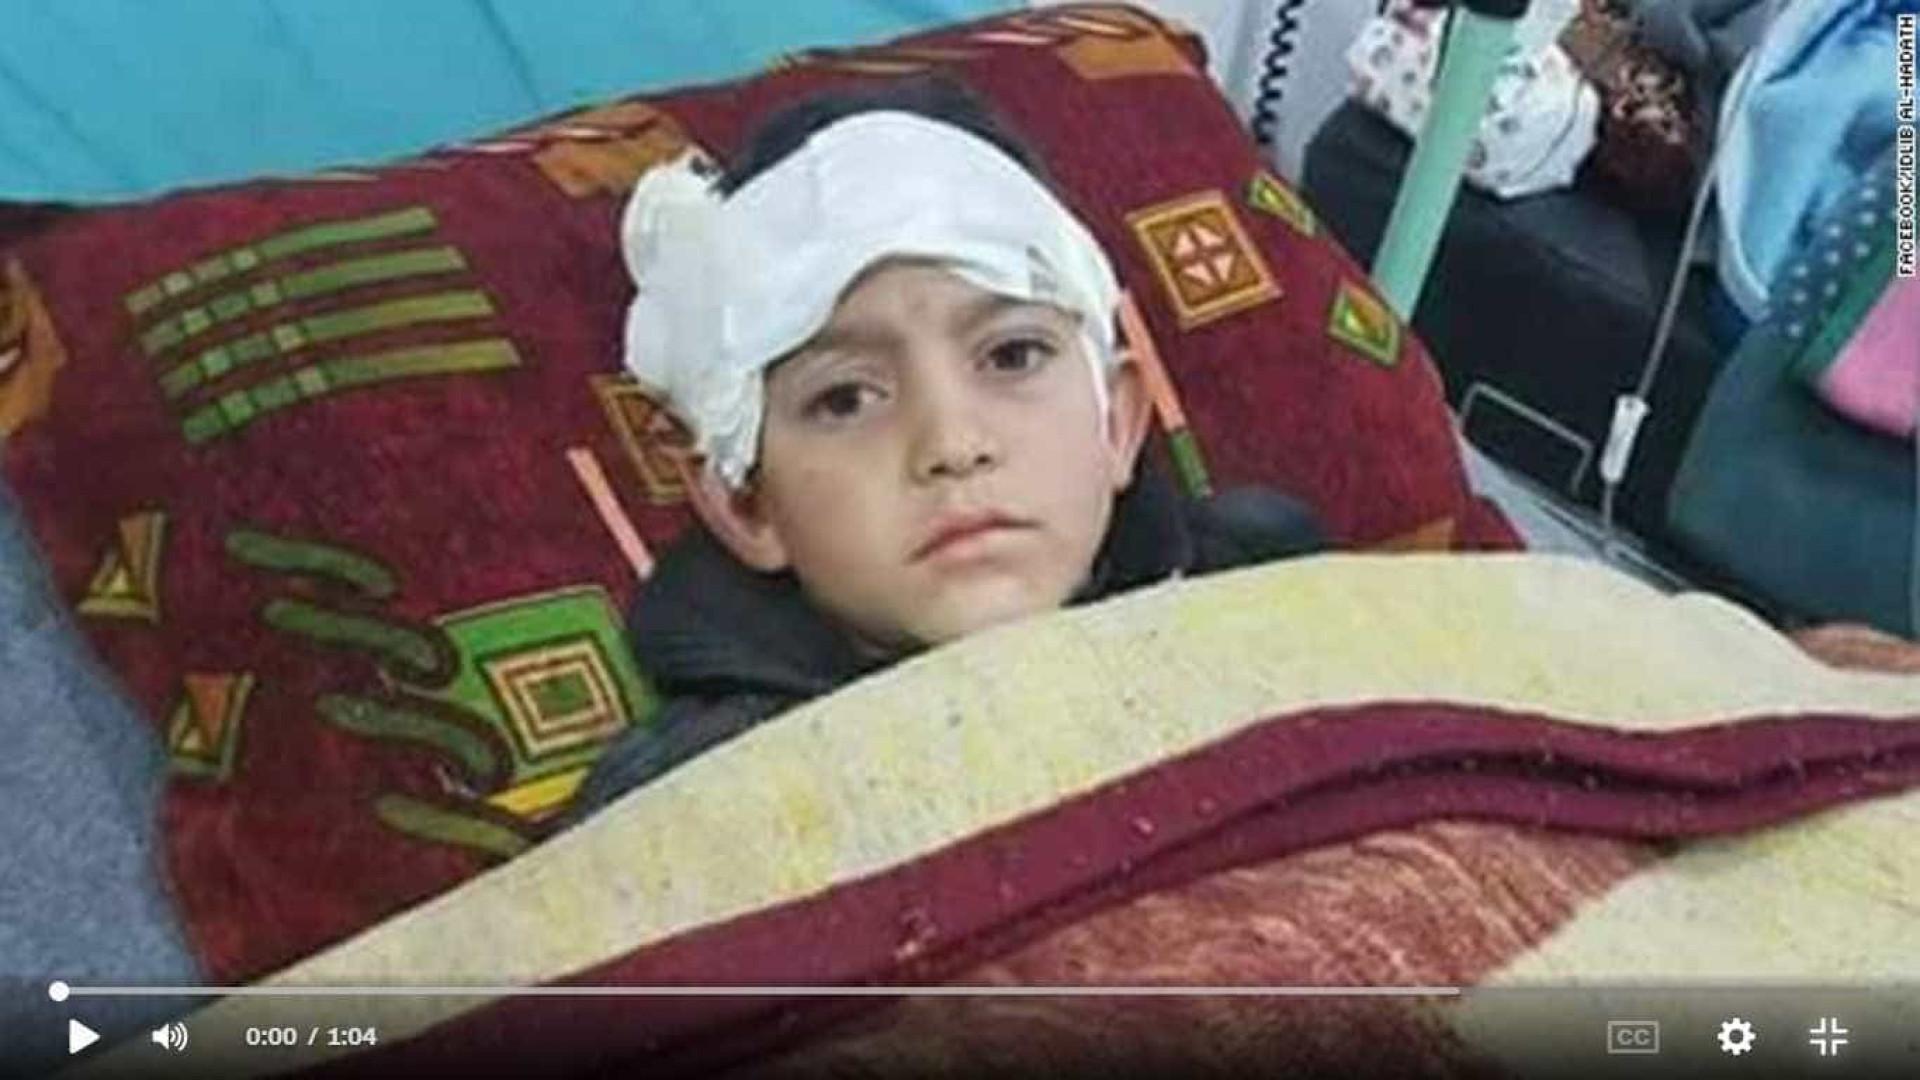 Mais bombardeamentos e mais um menino vítima da guerra na Síria